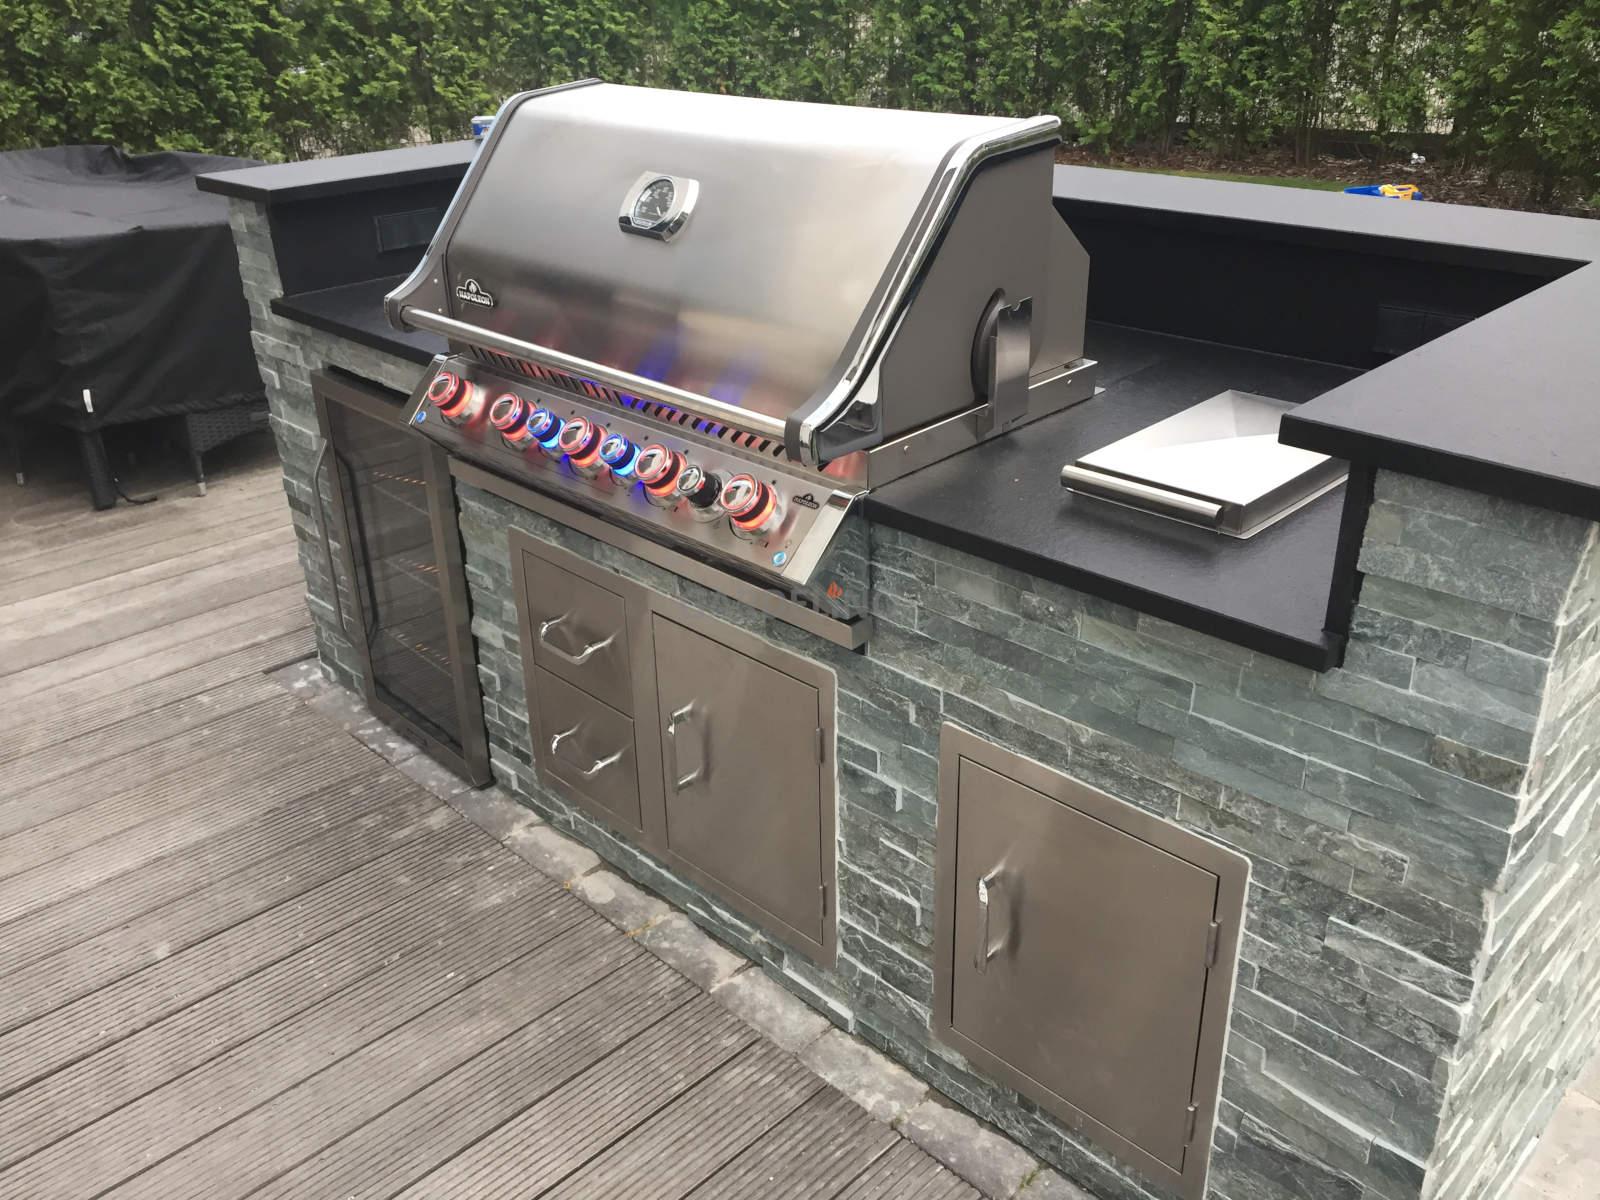 Gasgrill In Outdoor Küche Integrieren : Außenküche selbst bauen: komponenten zum bau